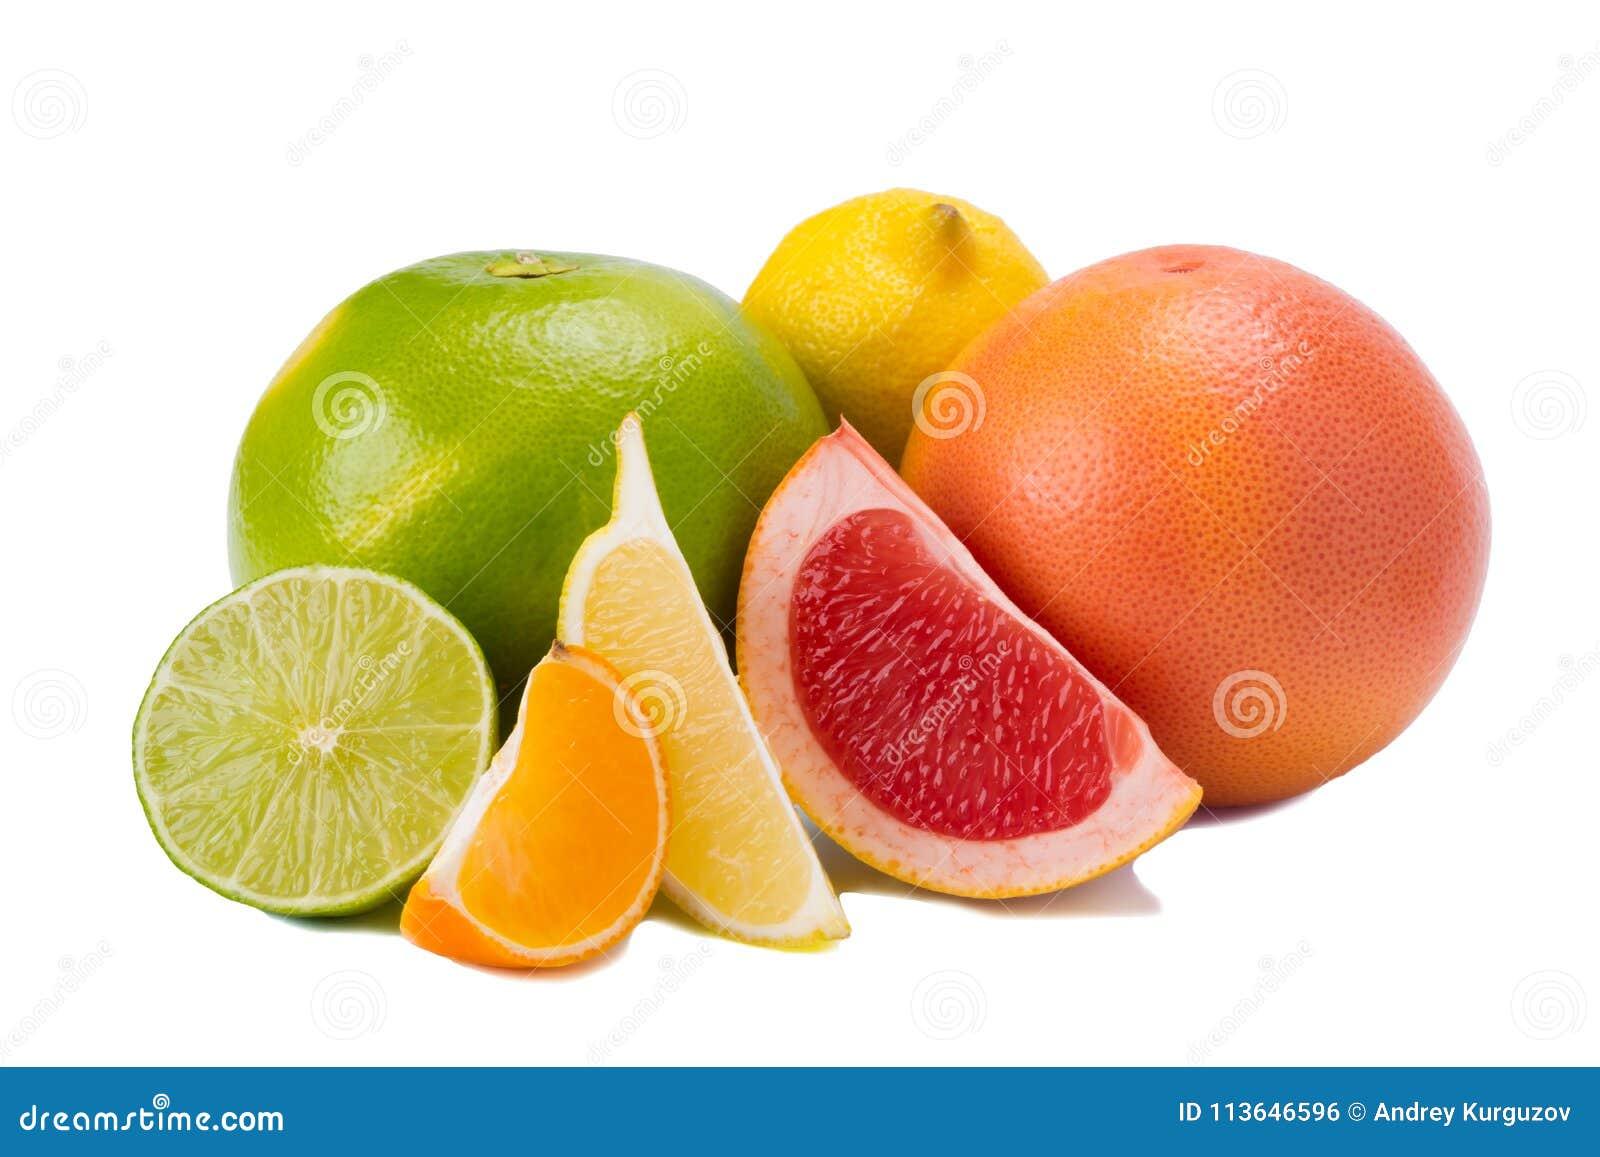 Verschiedene Farben von Zitrusfrüchten, mit Vitamin C auf weißem Hintergrund